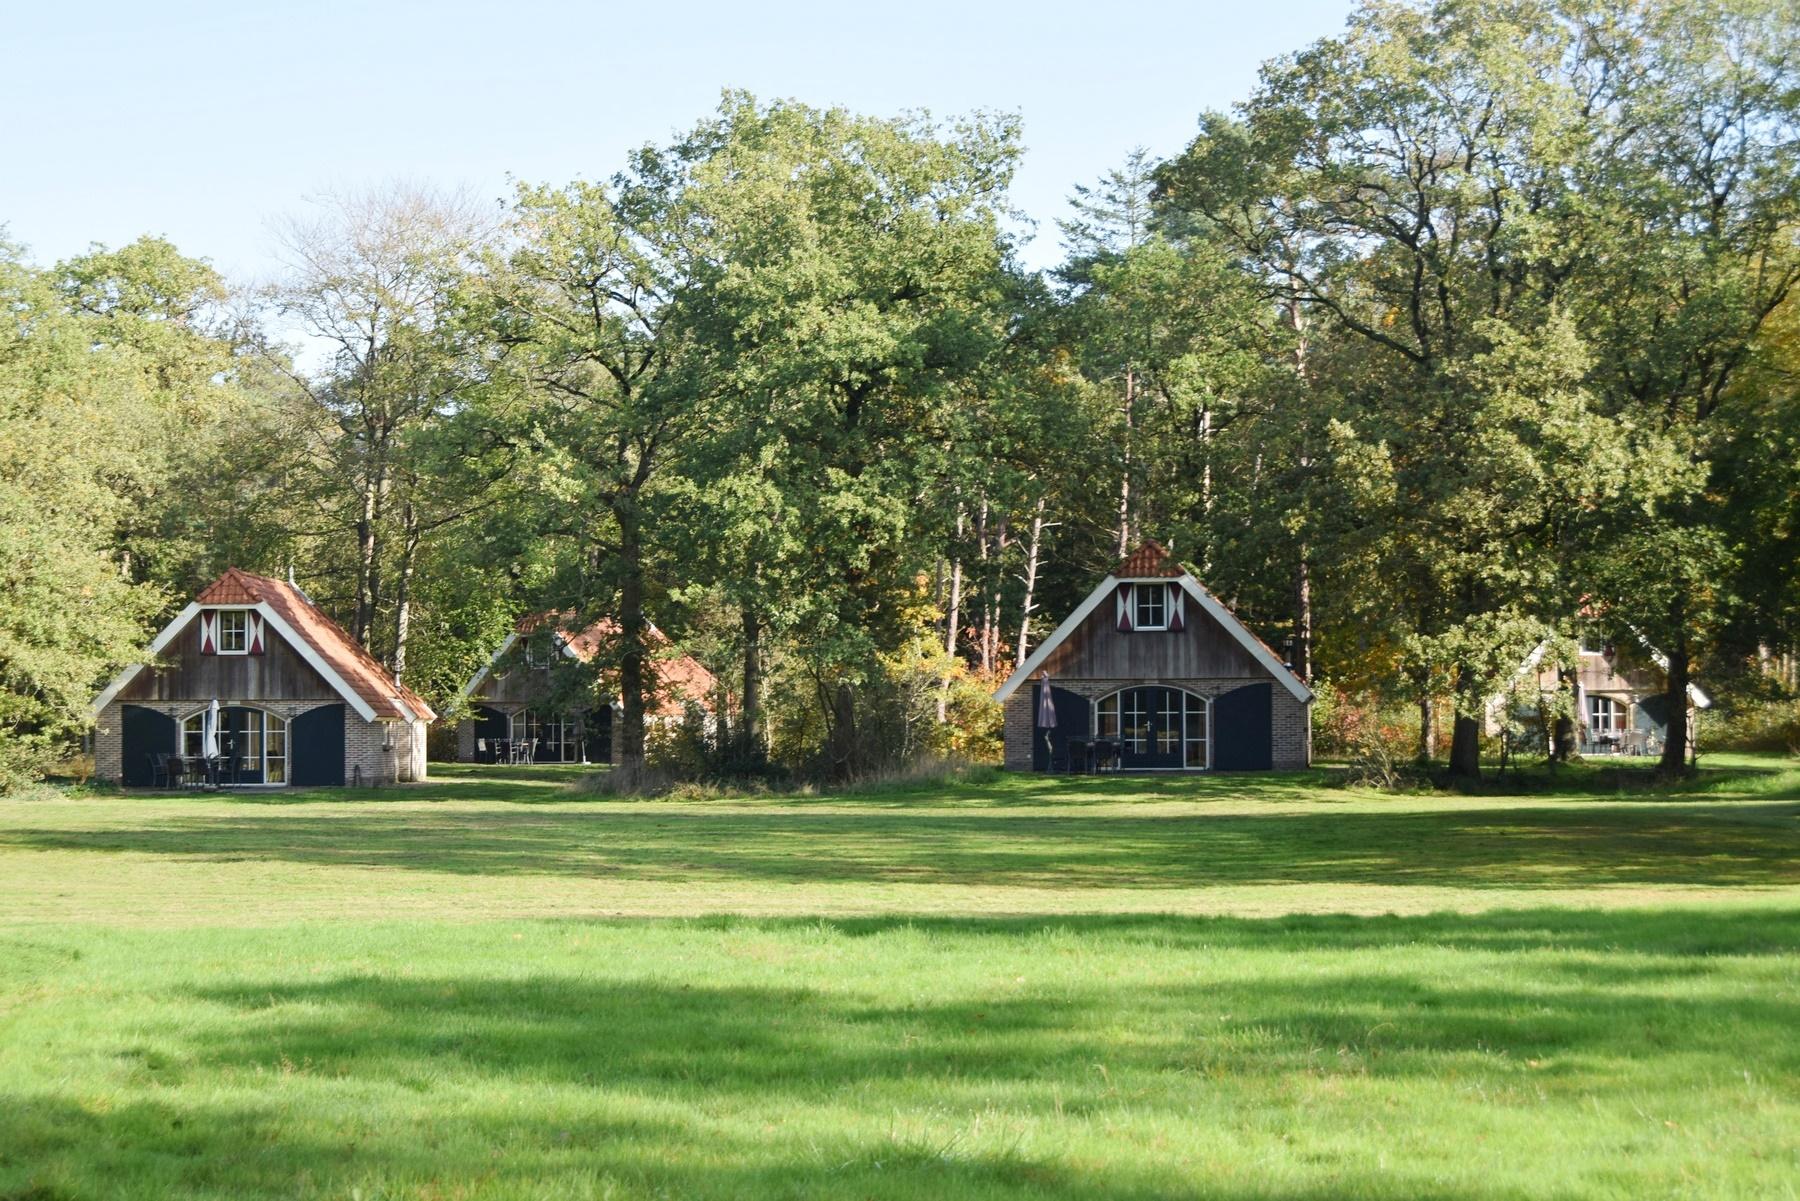 Vakantiehuisje in de natuur Overijssel Steenwijk op Buitengoed Fredeshiem (6 personen)